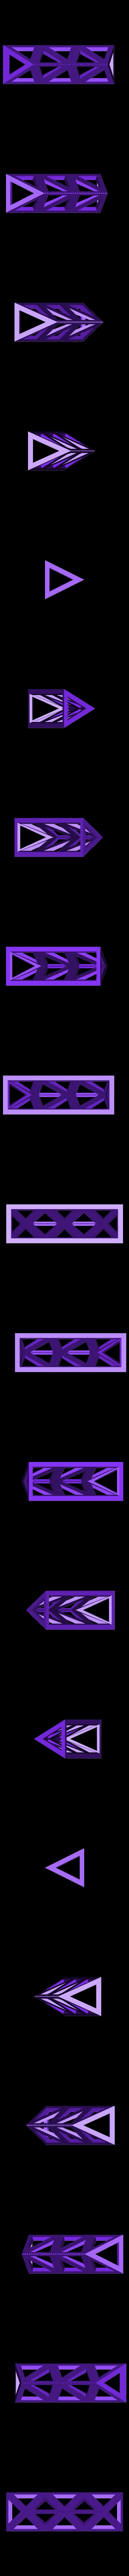 Painting_Prism.stl Télécharger fichier STL gratuit Prisme de peinture empilable • Modèle pour impression 3D, DraftingJake